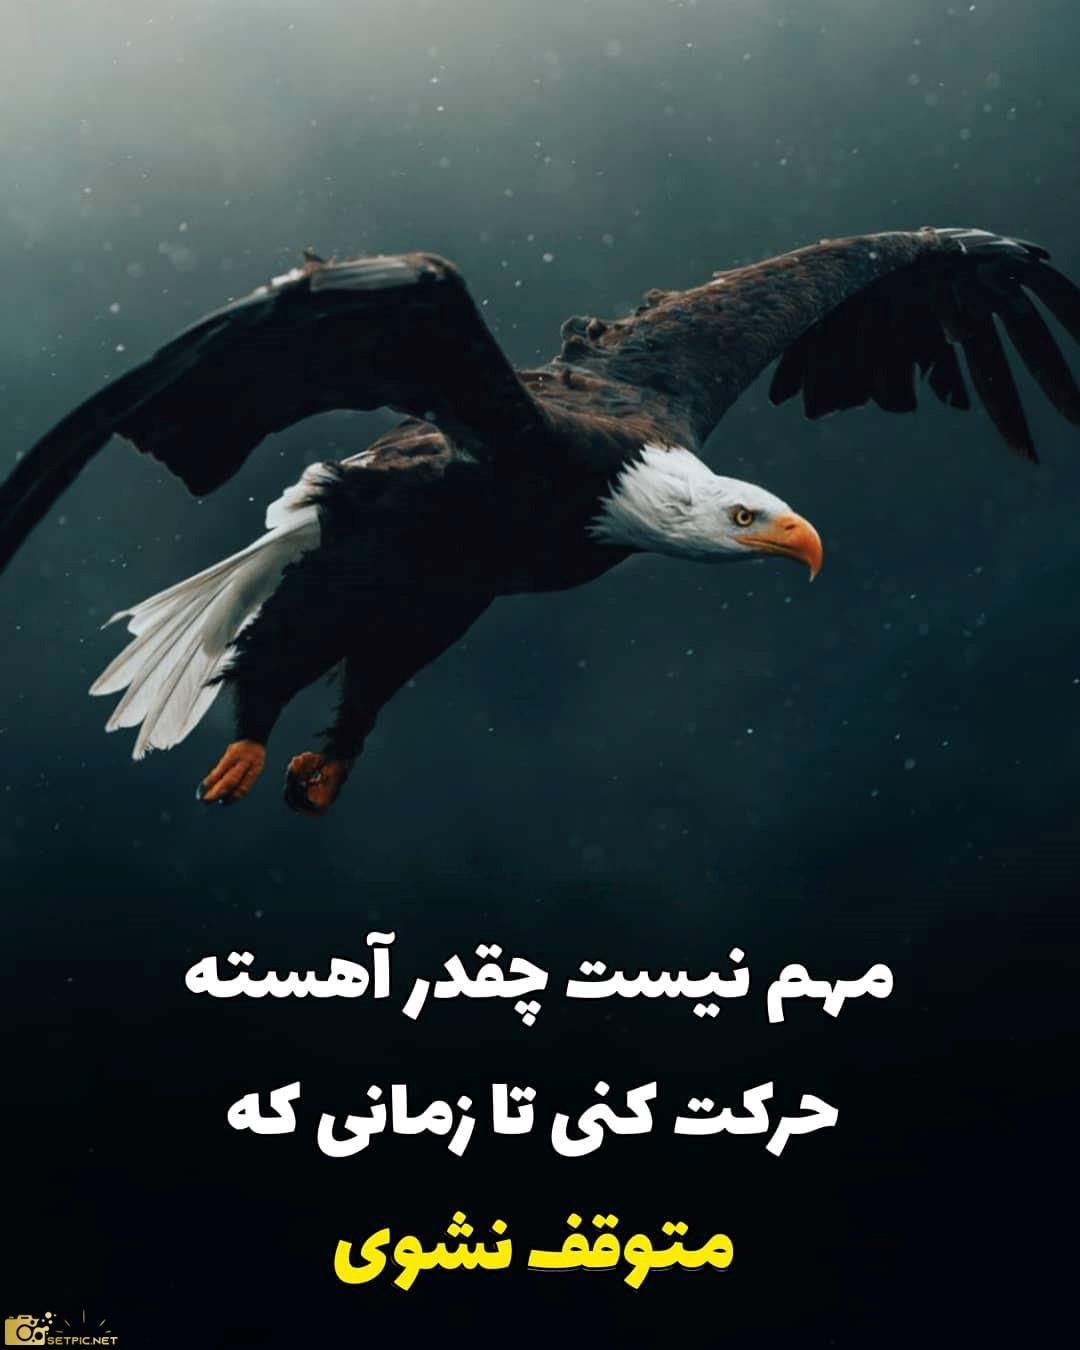 استوری انگیزشی عقاب